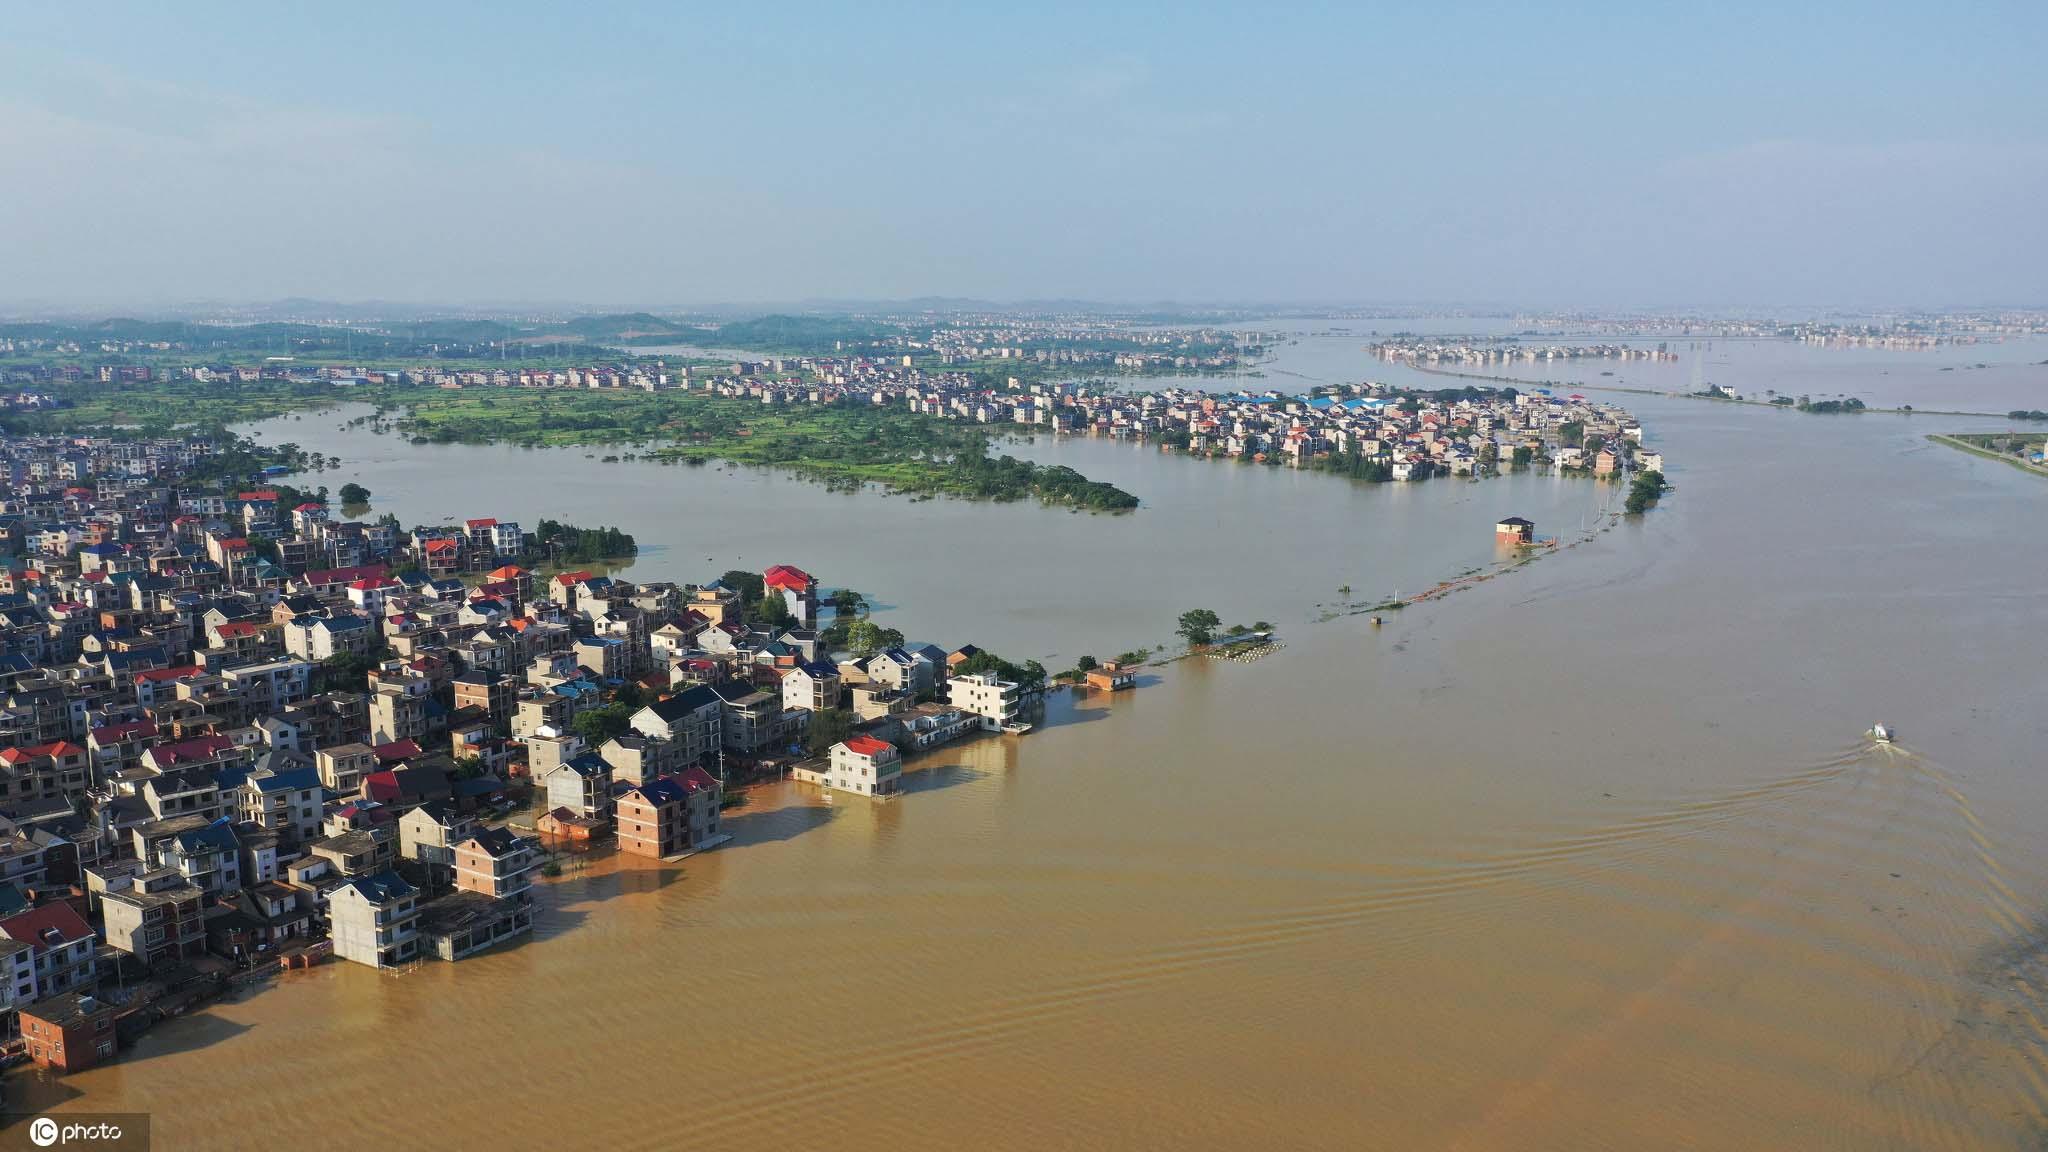 鄱阳湖水位突破历史极值航拍被洪水围困的江西鄱阳县